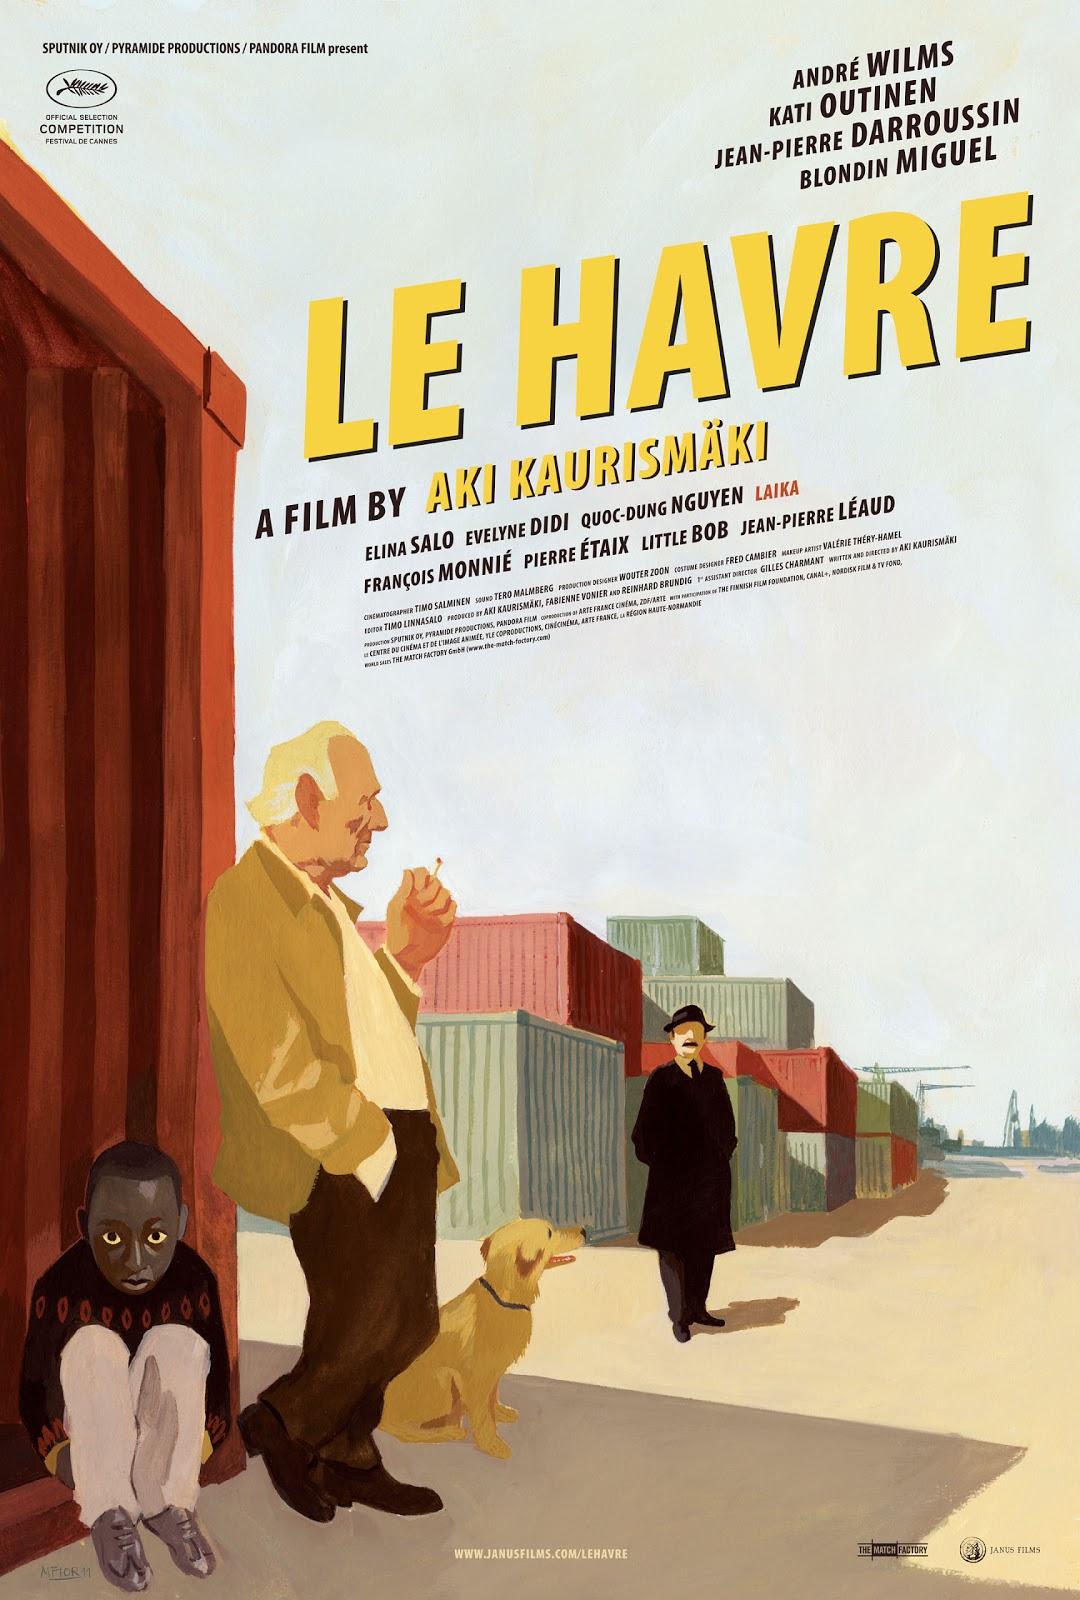 http://2.bp.blogspot.com/-RDQvx9ibSFc/Tr0Tjz4sqiI/AAAAAAAABrQ/GqzQNEa1ozo/s1600/Le+Havre+2011+poster.jpg